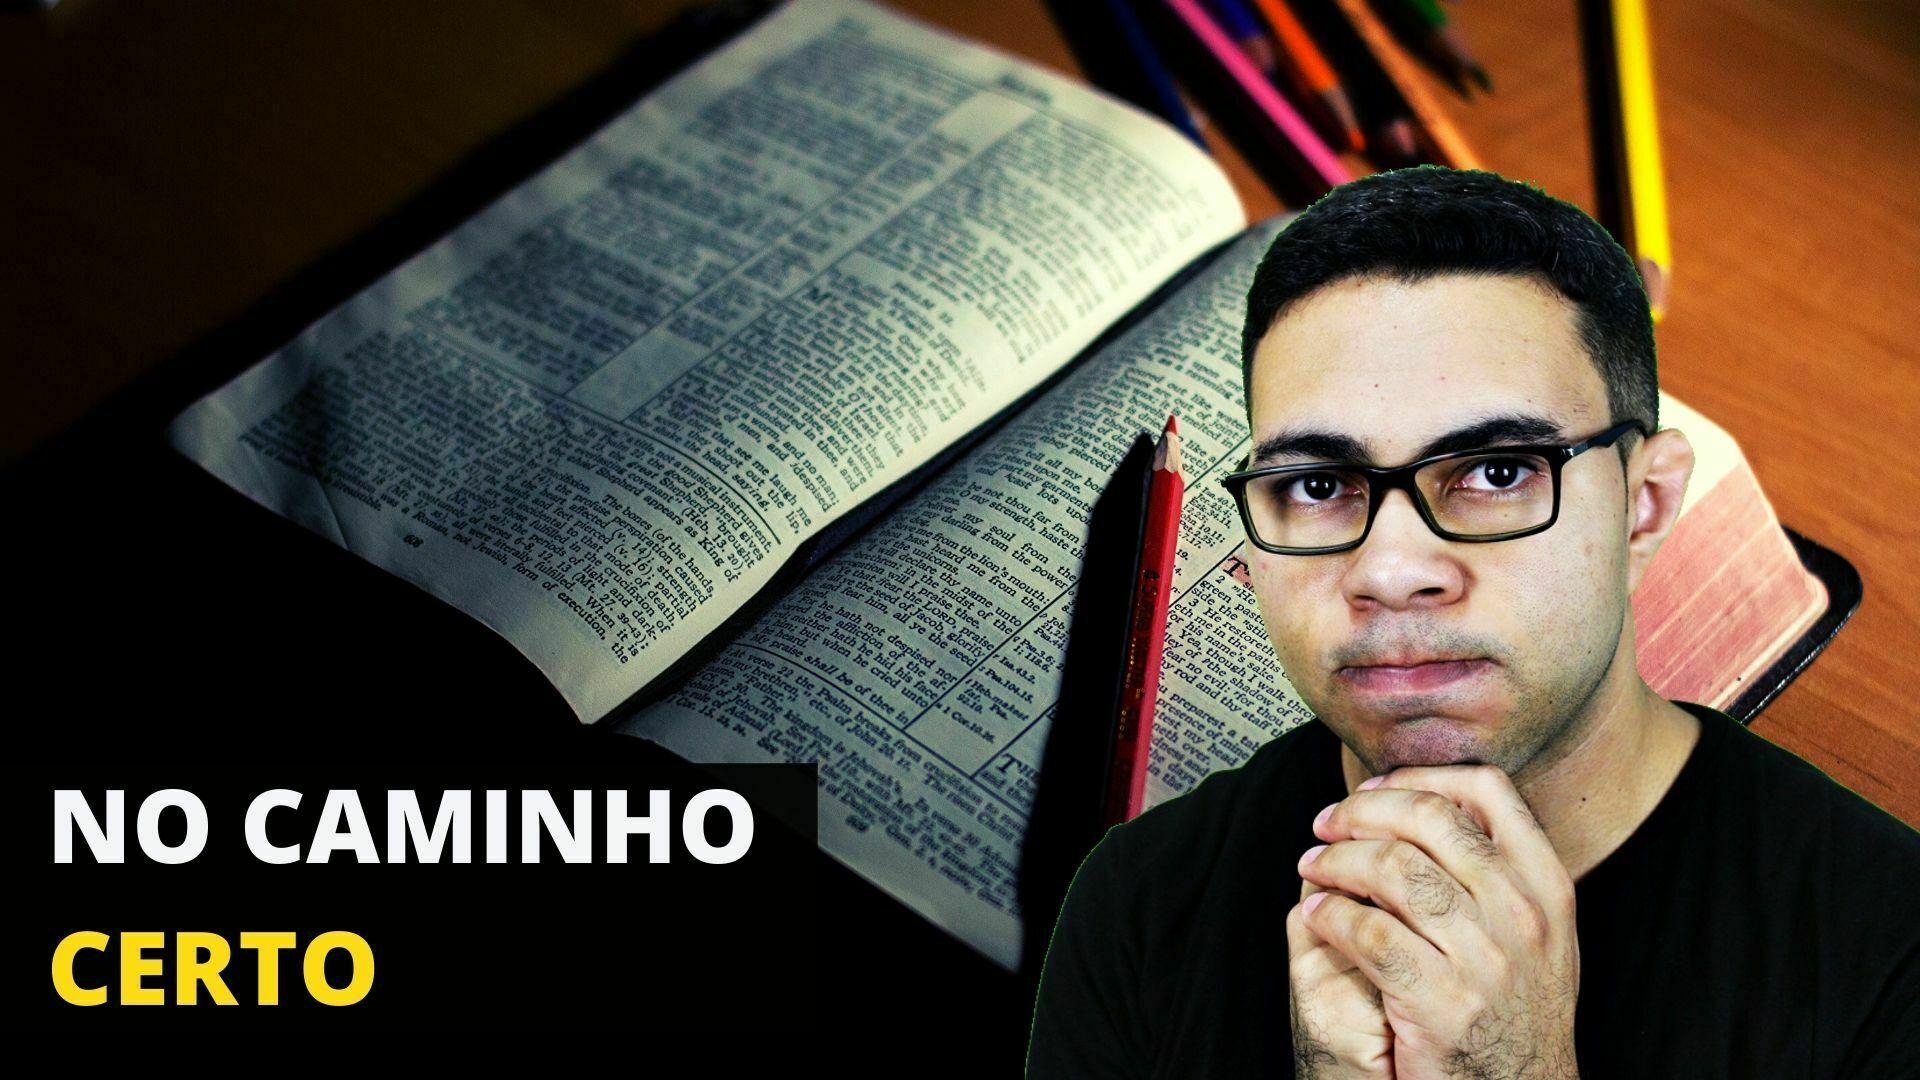 A Unção do Cristão e o Discernimento da Verdade